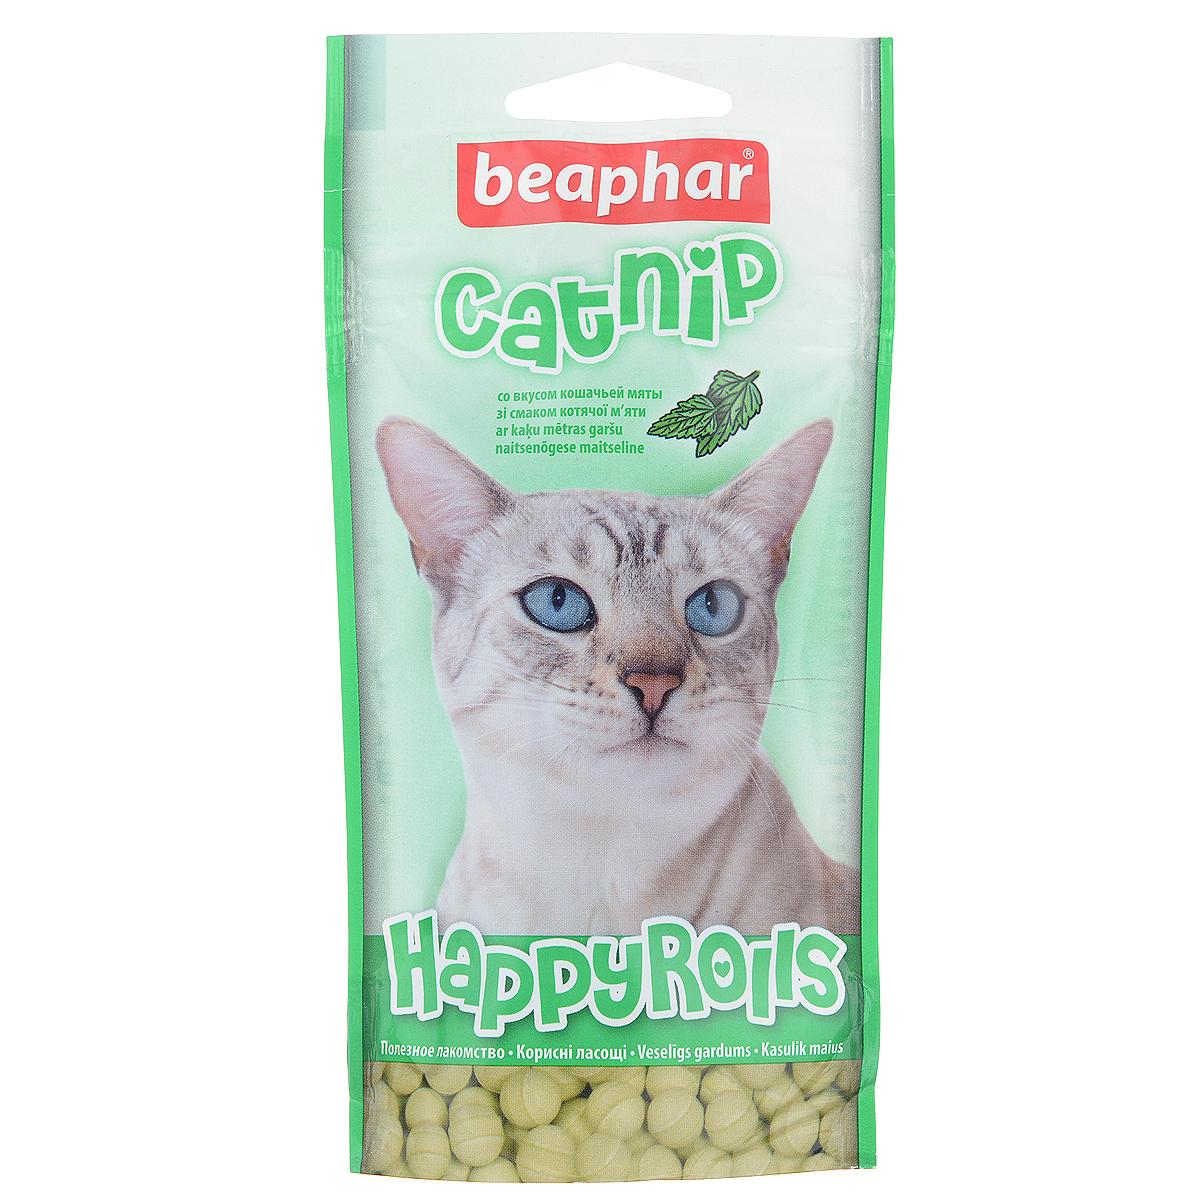 Лакомство для кошек Beaphar Catnip, с кошачьей мятой, 80 шт лакомство для кошек beaphar catnip bits с кошачьей мятой 150 г